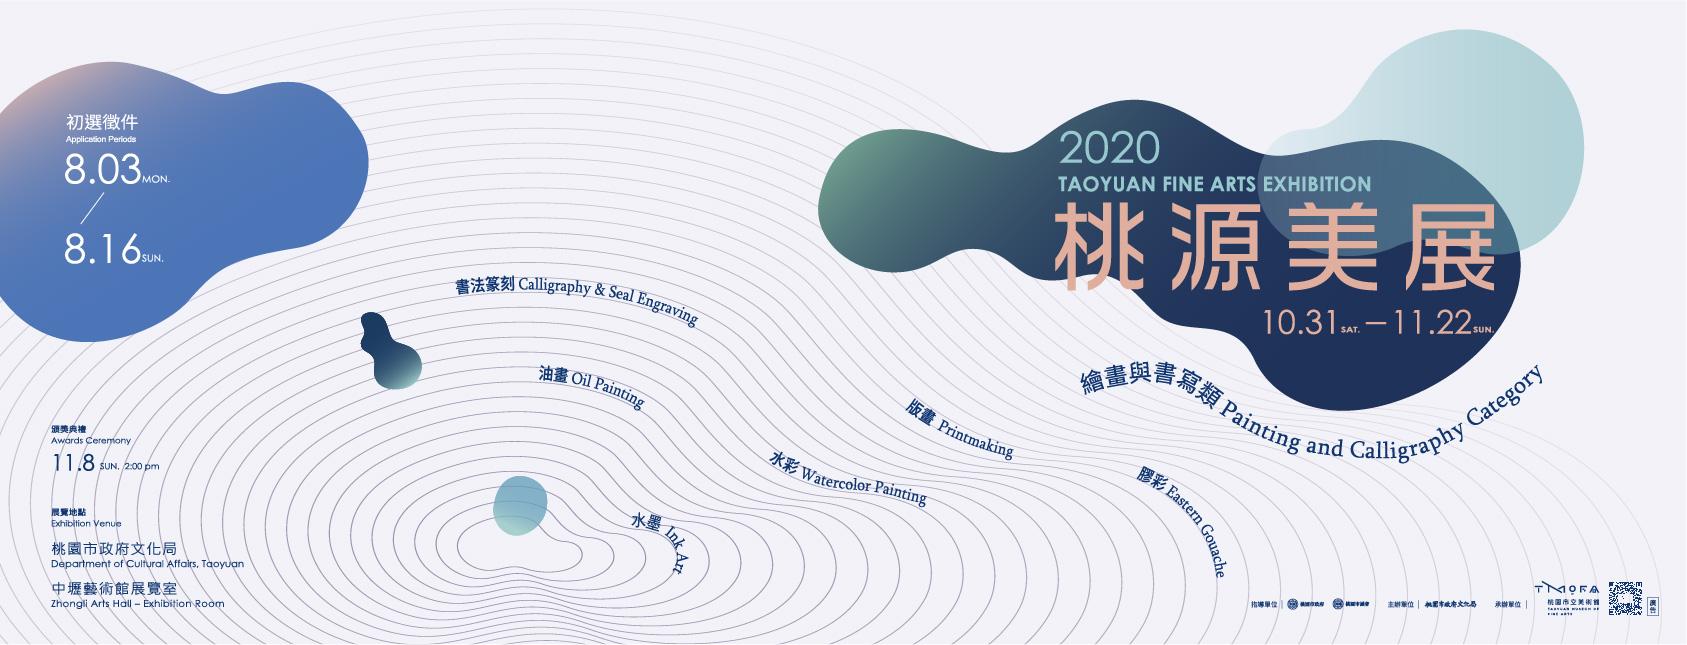 2020桃源美展徵件